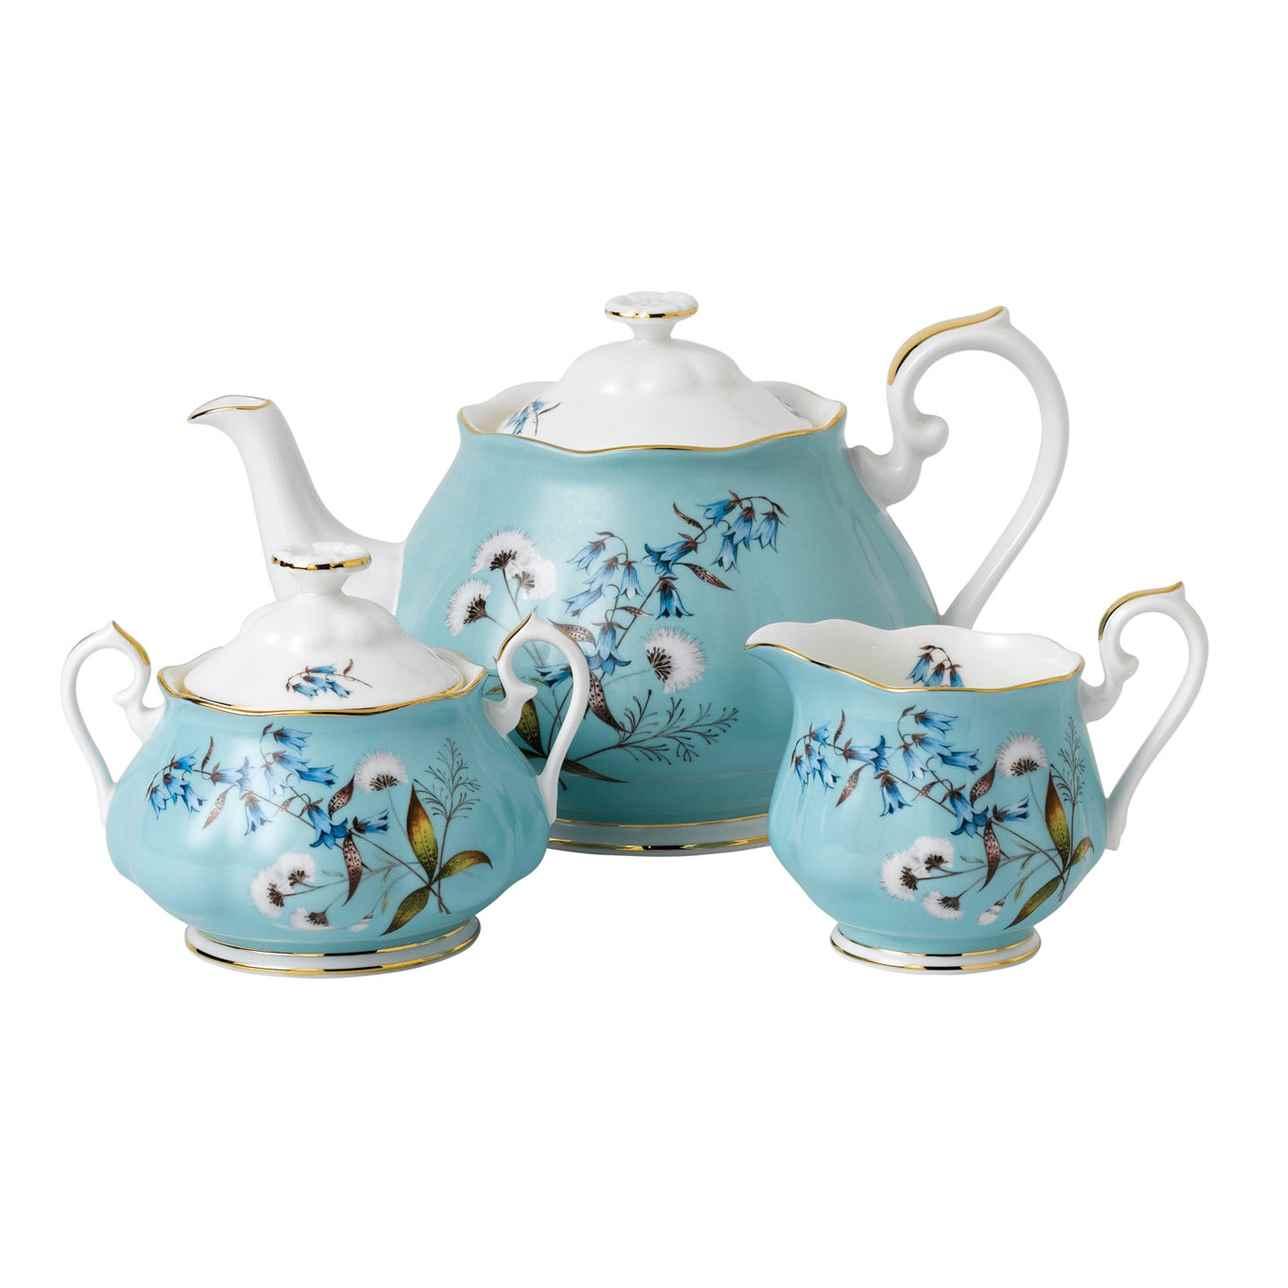 Royal Albert 100 Years of Royal Albert 1950 Festival Teapot, Sugar and Cream Set